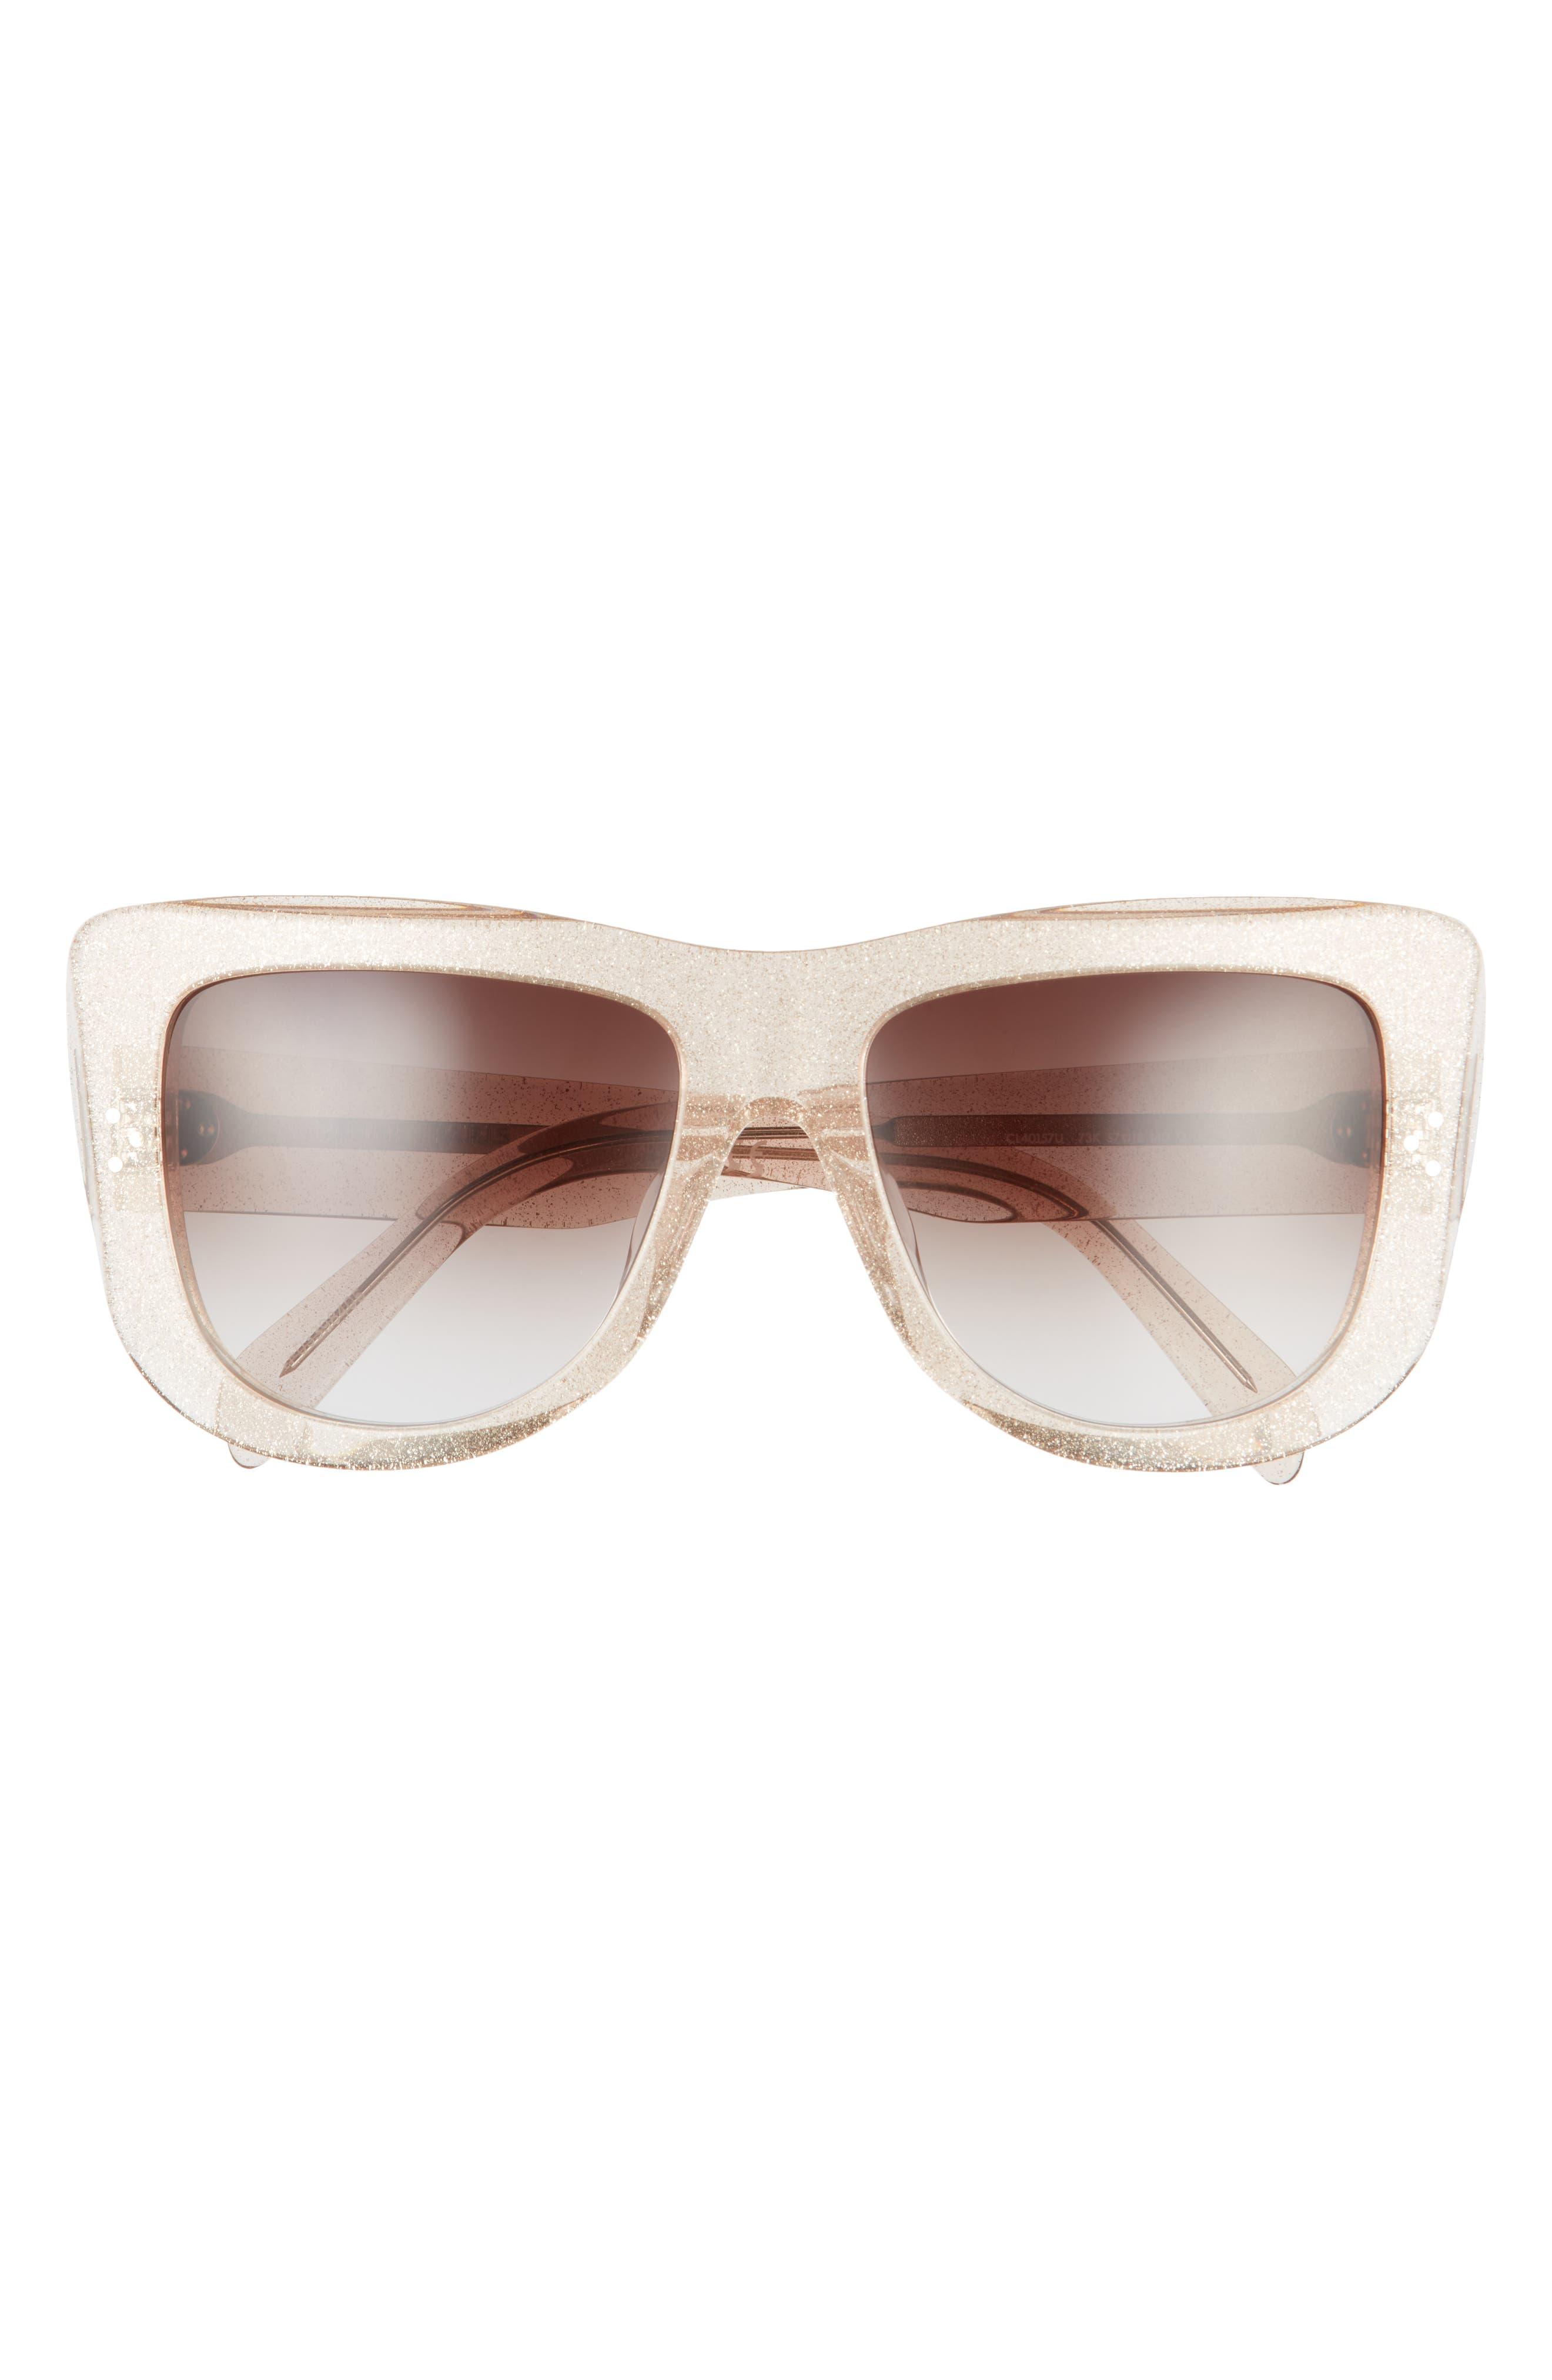 57mm Gradient Square Sunglasses